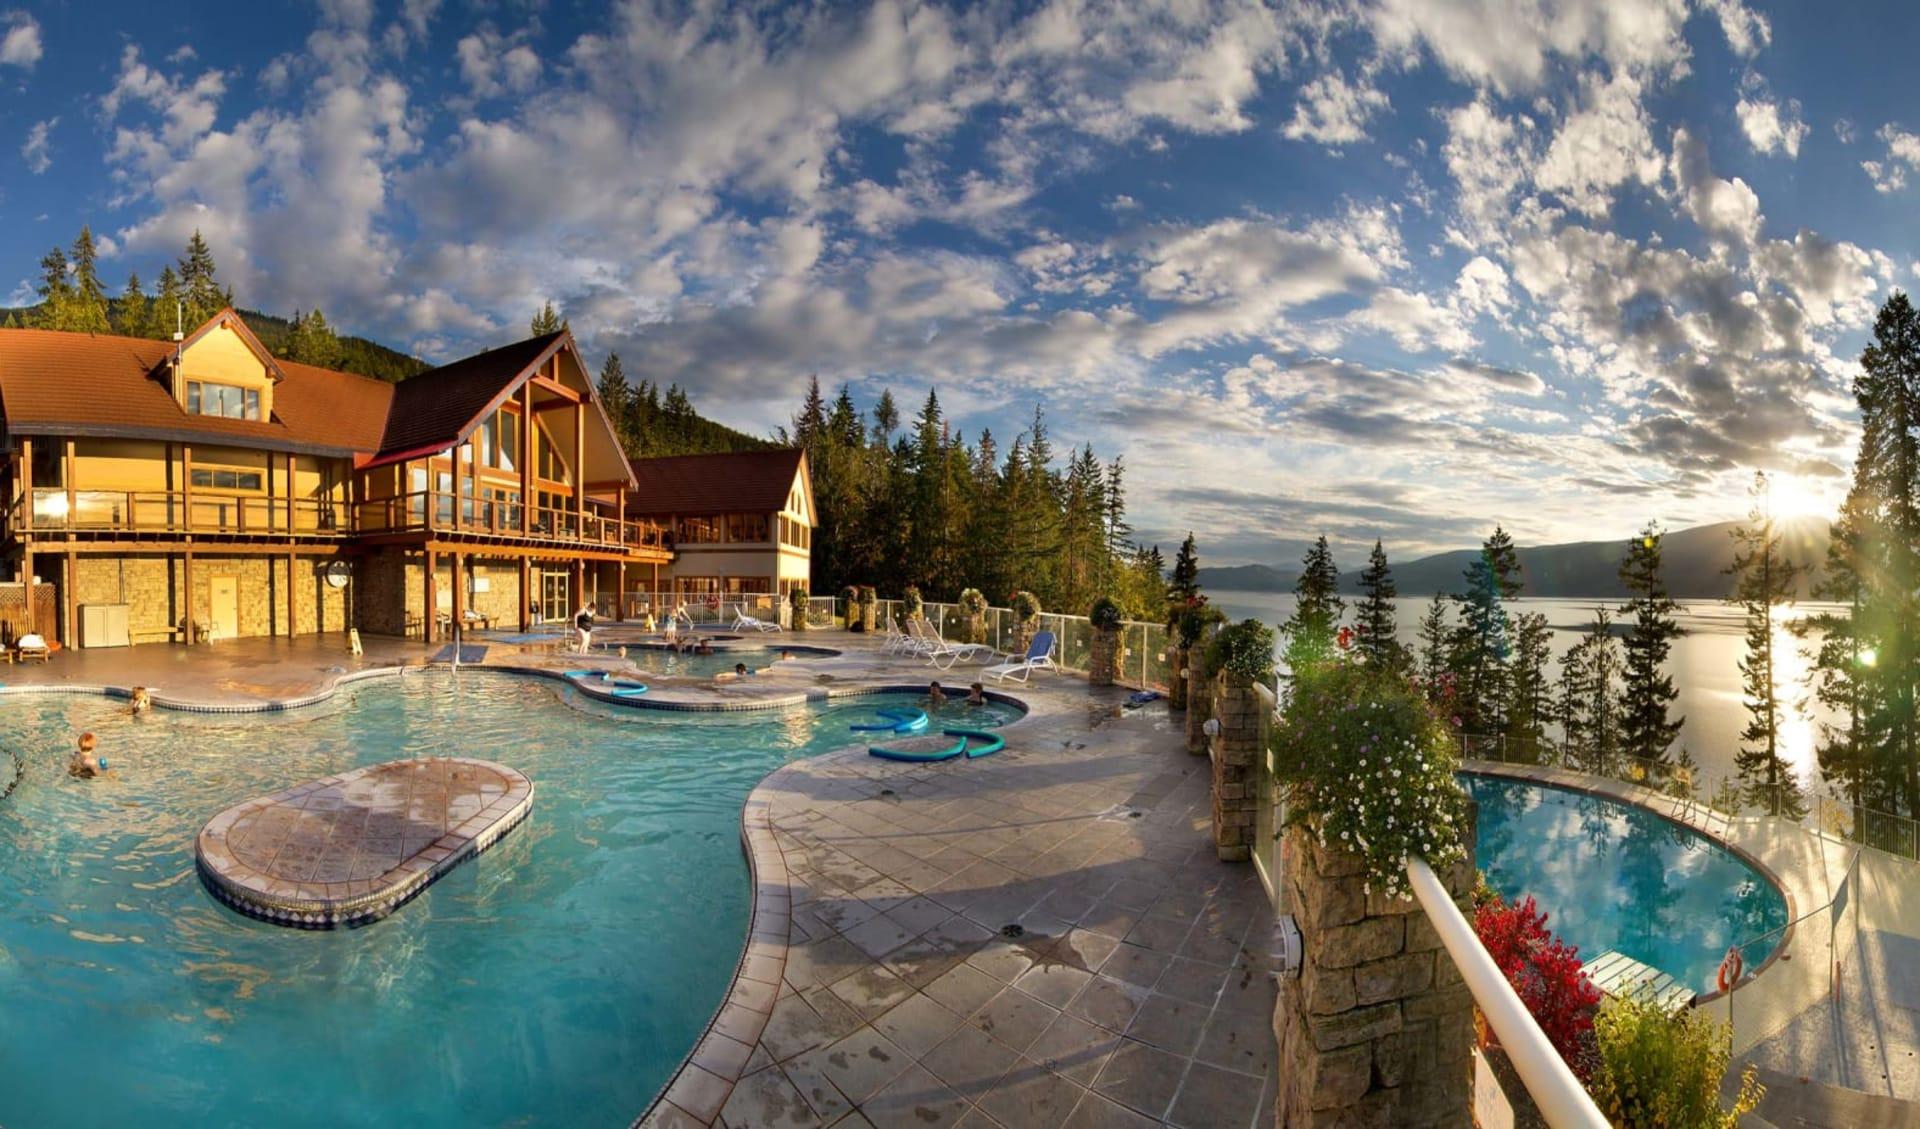 Halcyon Hot Springs Resort in Nakusp: Facilities_Halcyon Hot Springs Resort_Pool_Jonview